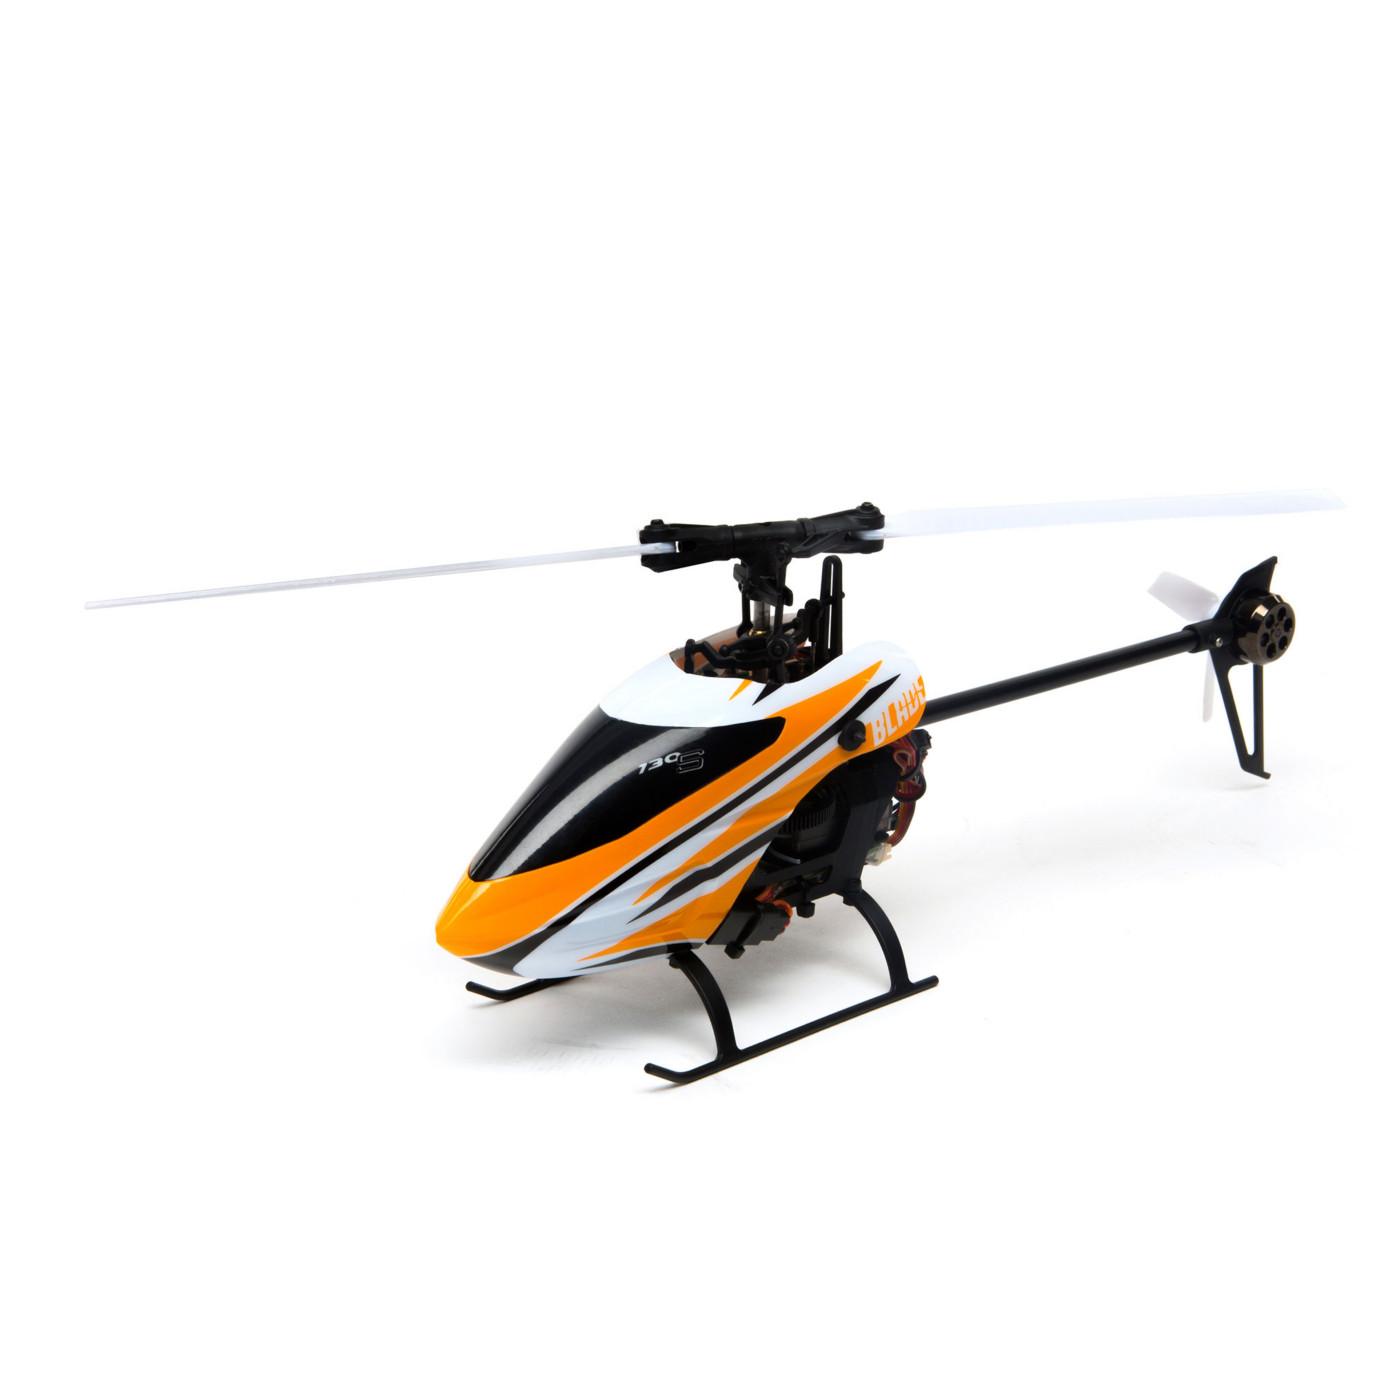 Blade 130 S BNF Basic mit SAFE Technologie